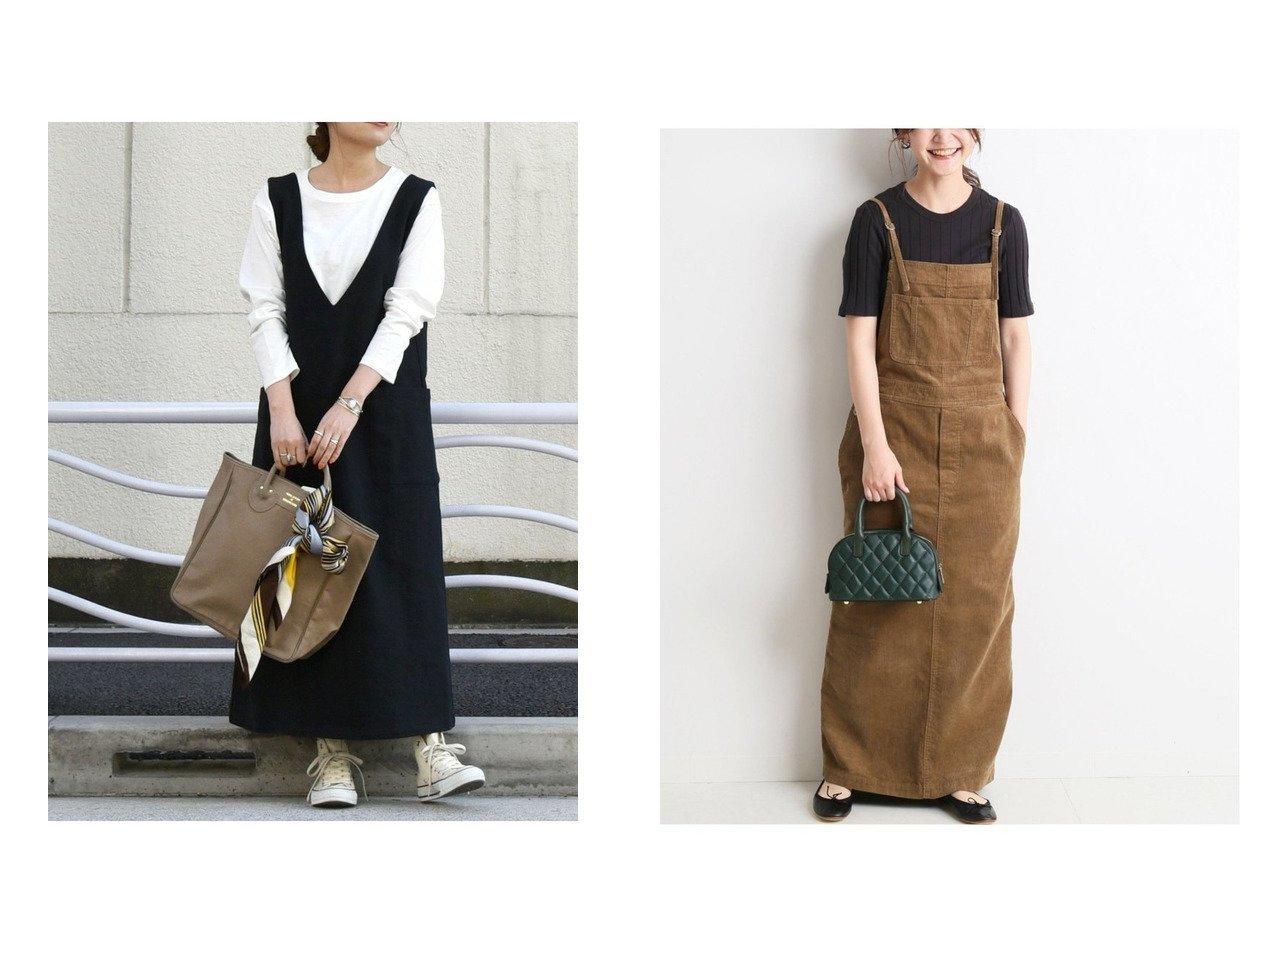 【SLOBE IENA/スローブ イエナ】のLE DENIM jumper skirt Re&【SHIPS any/シップス エニィ】のSHIPS any ツイル ジャージ ジャンパースカート スカートのおすすめ!人気、トレンド・レディースファッションの通販 おすすめで人気の流行・トレンド、ファッションの通販商品 メンズファッション・キッズファッション・インテリア・家具・レディースファッション・服の通販 founy(ファニー) https://founy.com/ ファッション Fashion レディースファッション WOMEN スカート Skirt NEW・新作・新着・新入荷 New Arrivals インナー ジャージ スリーブ ツイル 再入荷 Restock/Back in Stock/Re Arrival デニム ロング |ID:crp329100000011753